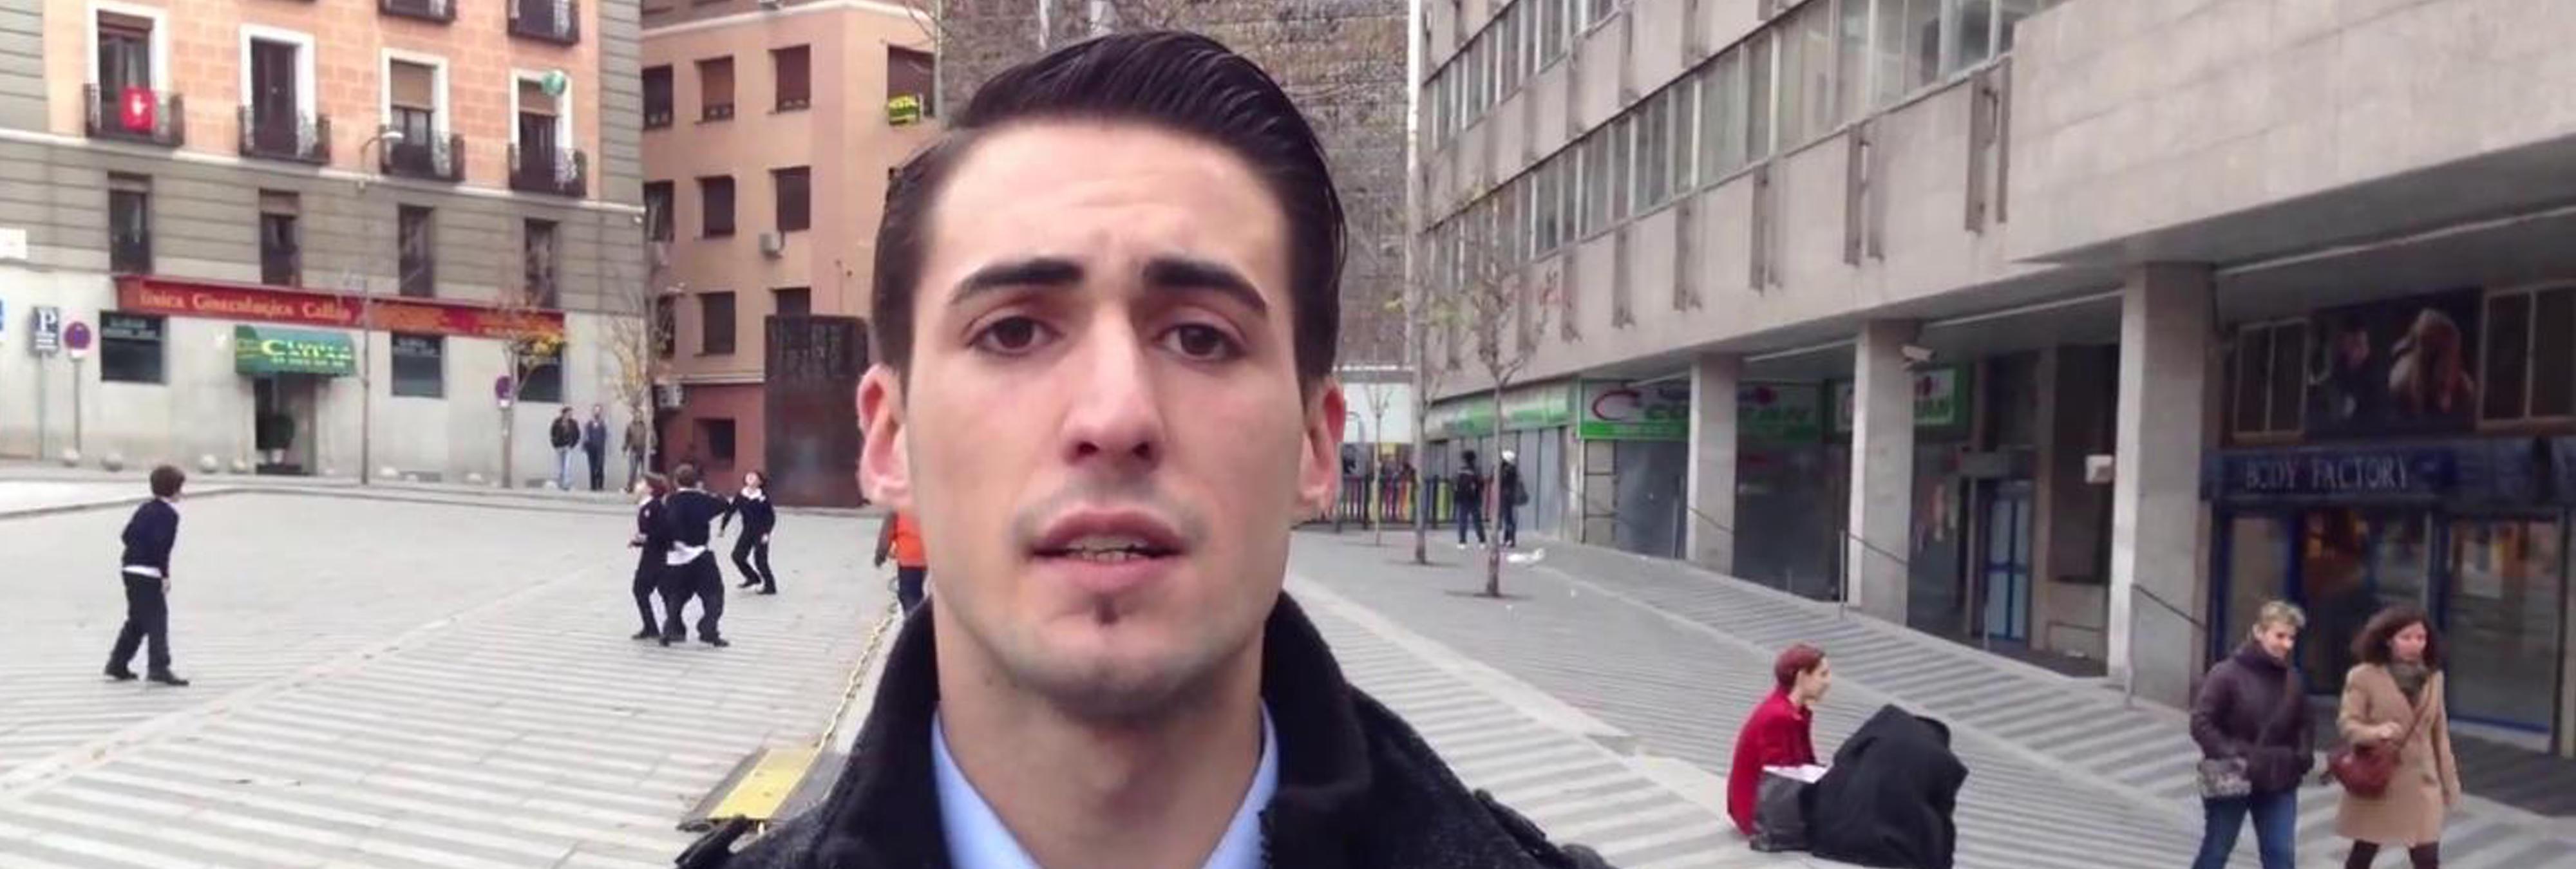 ¡Uf, qué pena! Piden que Álvaro Reyes cierre el canal de YouTube en el que enseña a acosar a mujeres